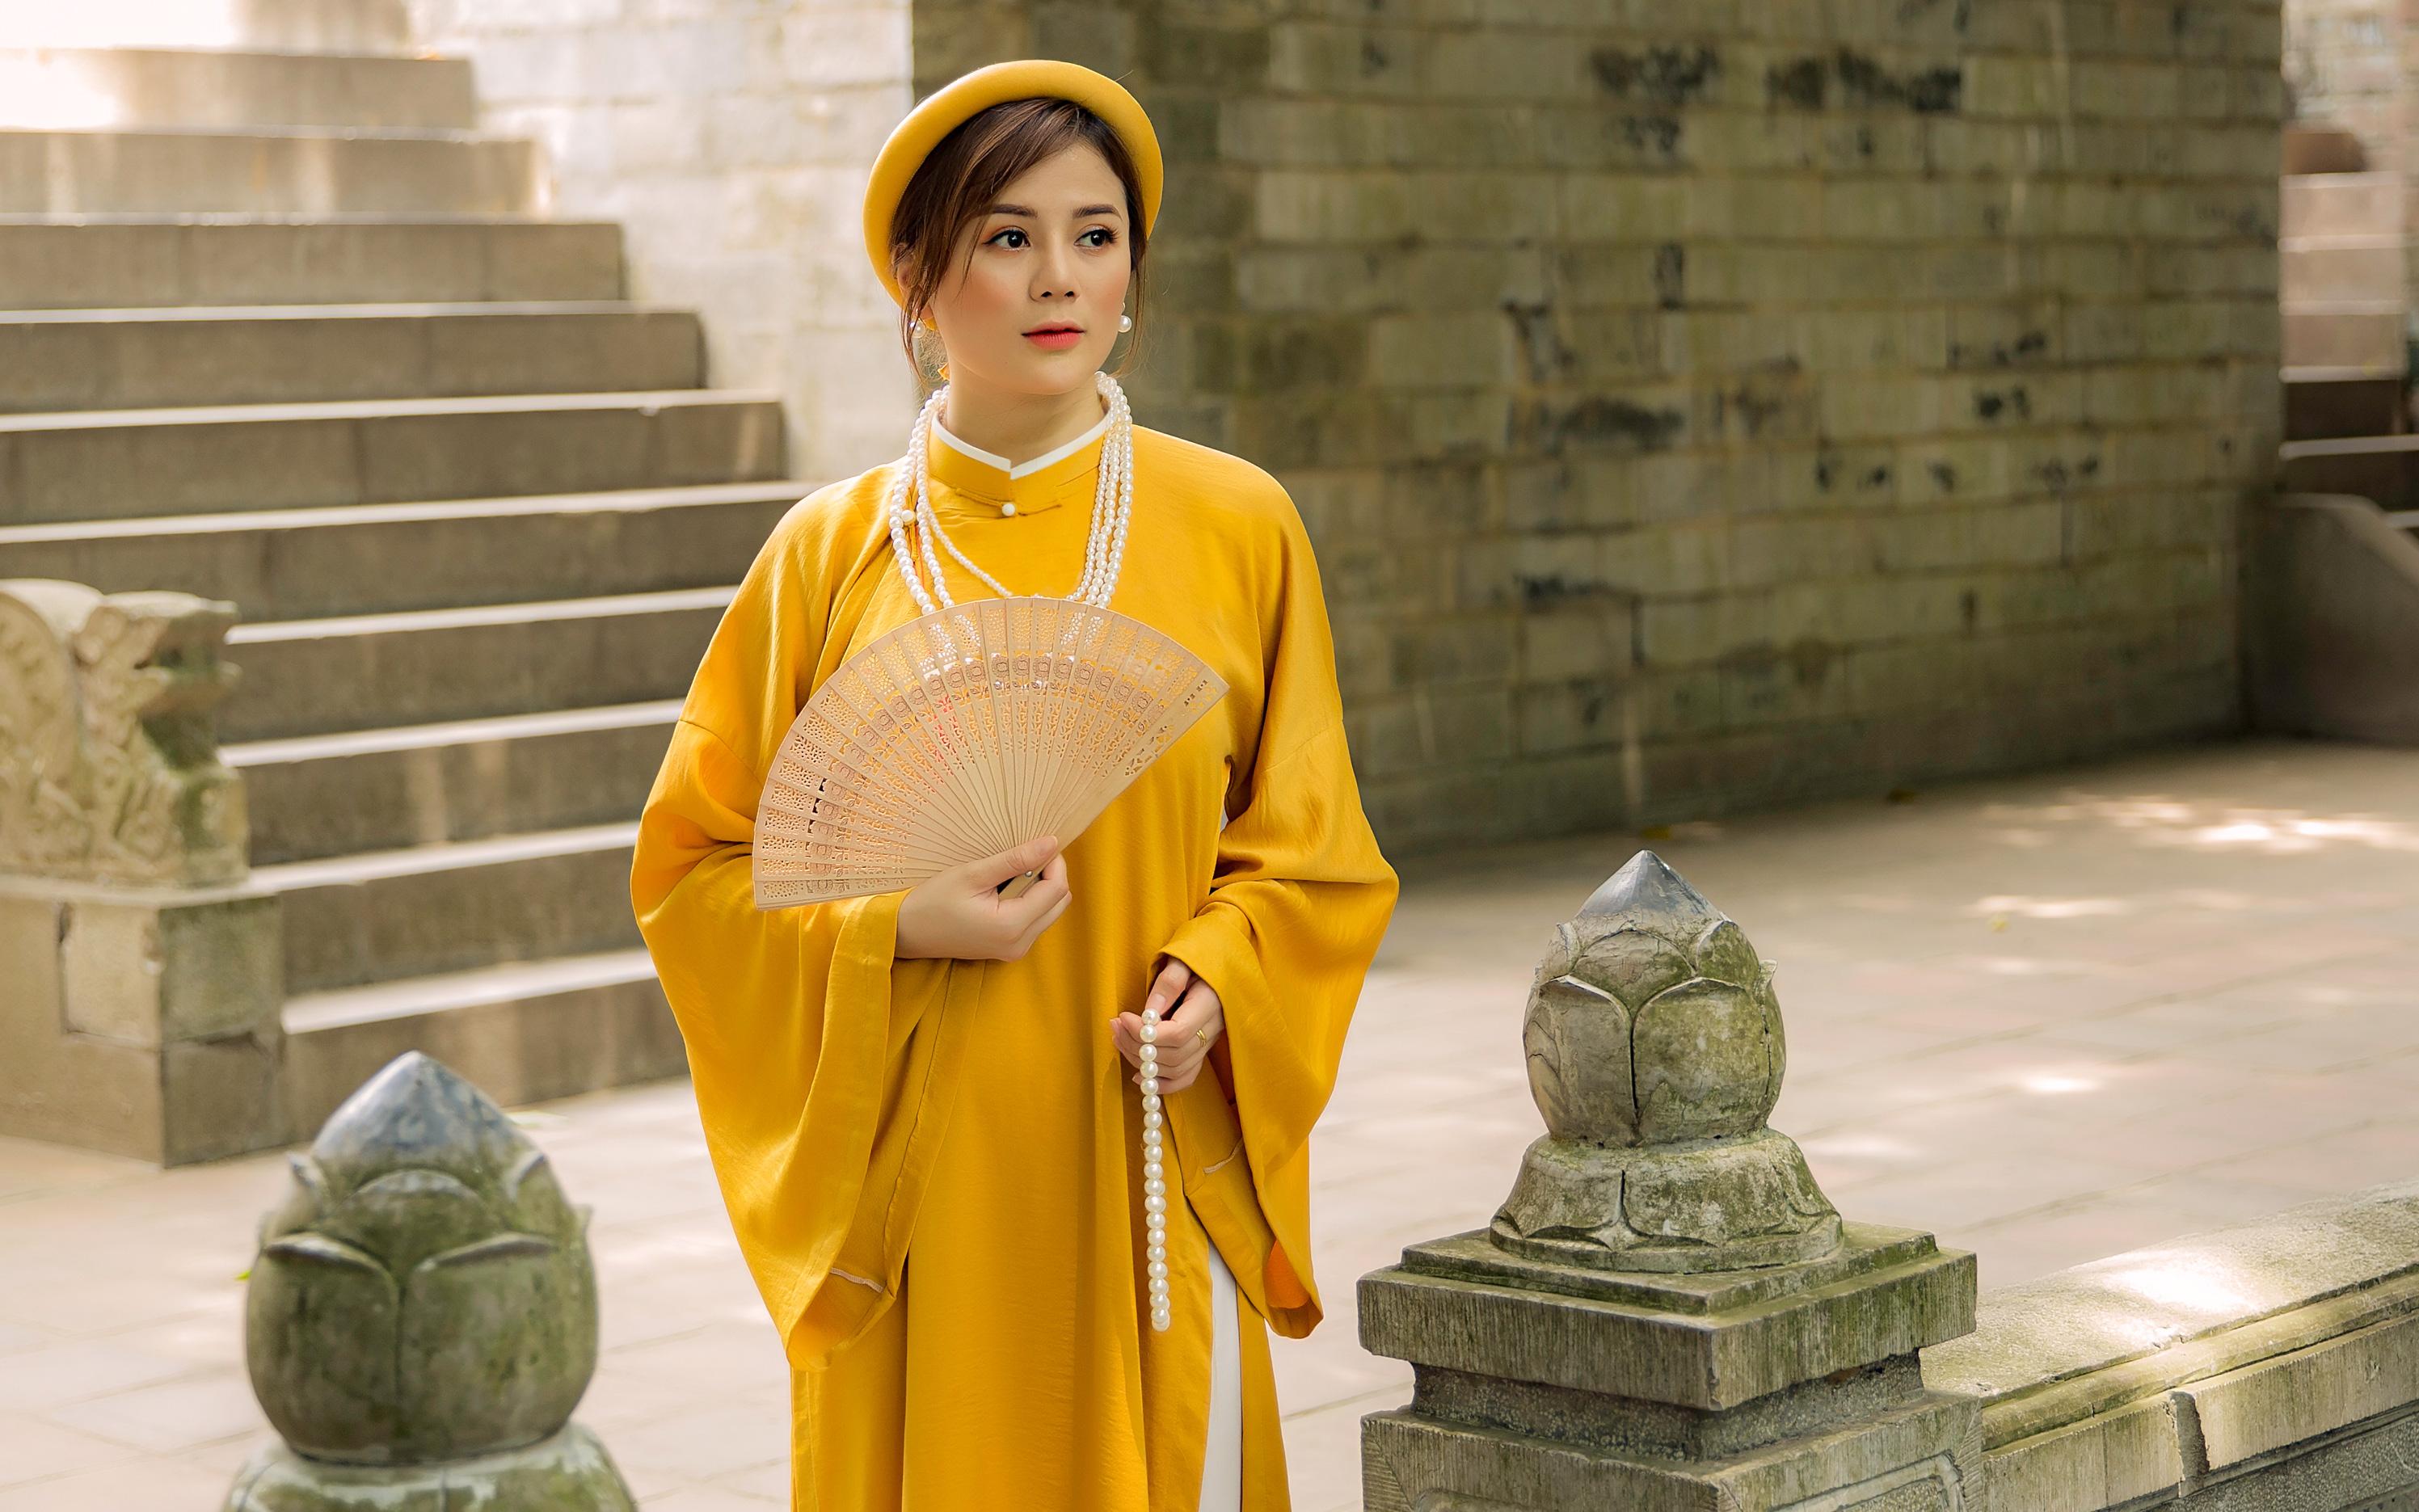 Giới trẻ Hà Nội phát cuồng với trend cổ phục Việt, mạnh tay chi cả triệu để được một lần làm cô gái ngày xưa diện bộ áo dài, chân đi guốc mộc